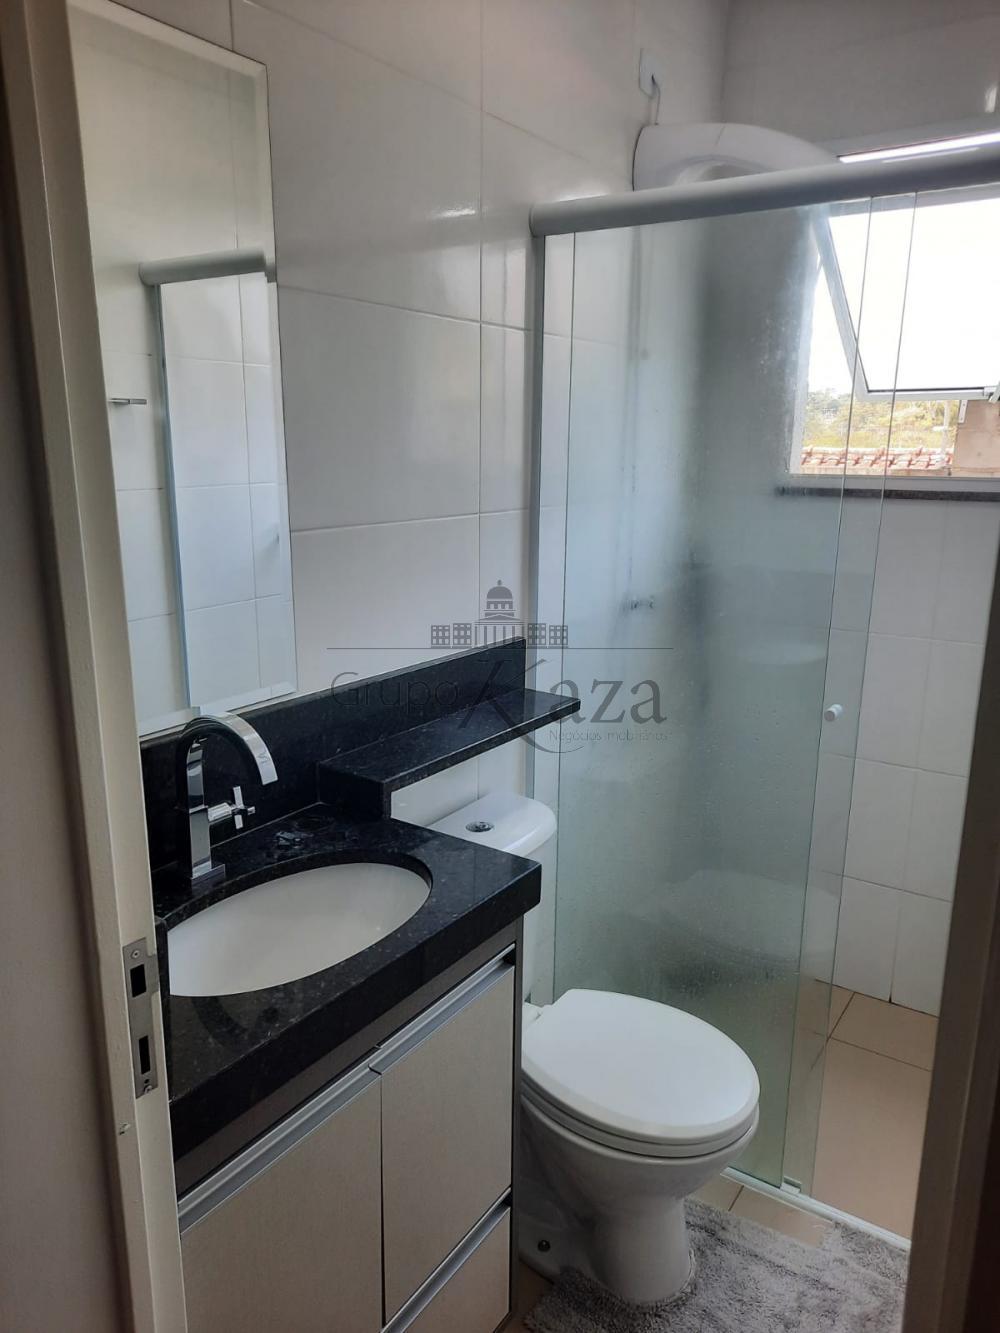 alt='Comprar Apartamento / Padrão em São José dos Campos R$ 280.000,00 - Foto 6' title='Comprar Apartamento / Padrão em São José dos Campos R$ 280.000,00 - Foto 6'